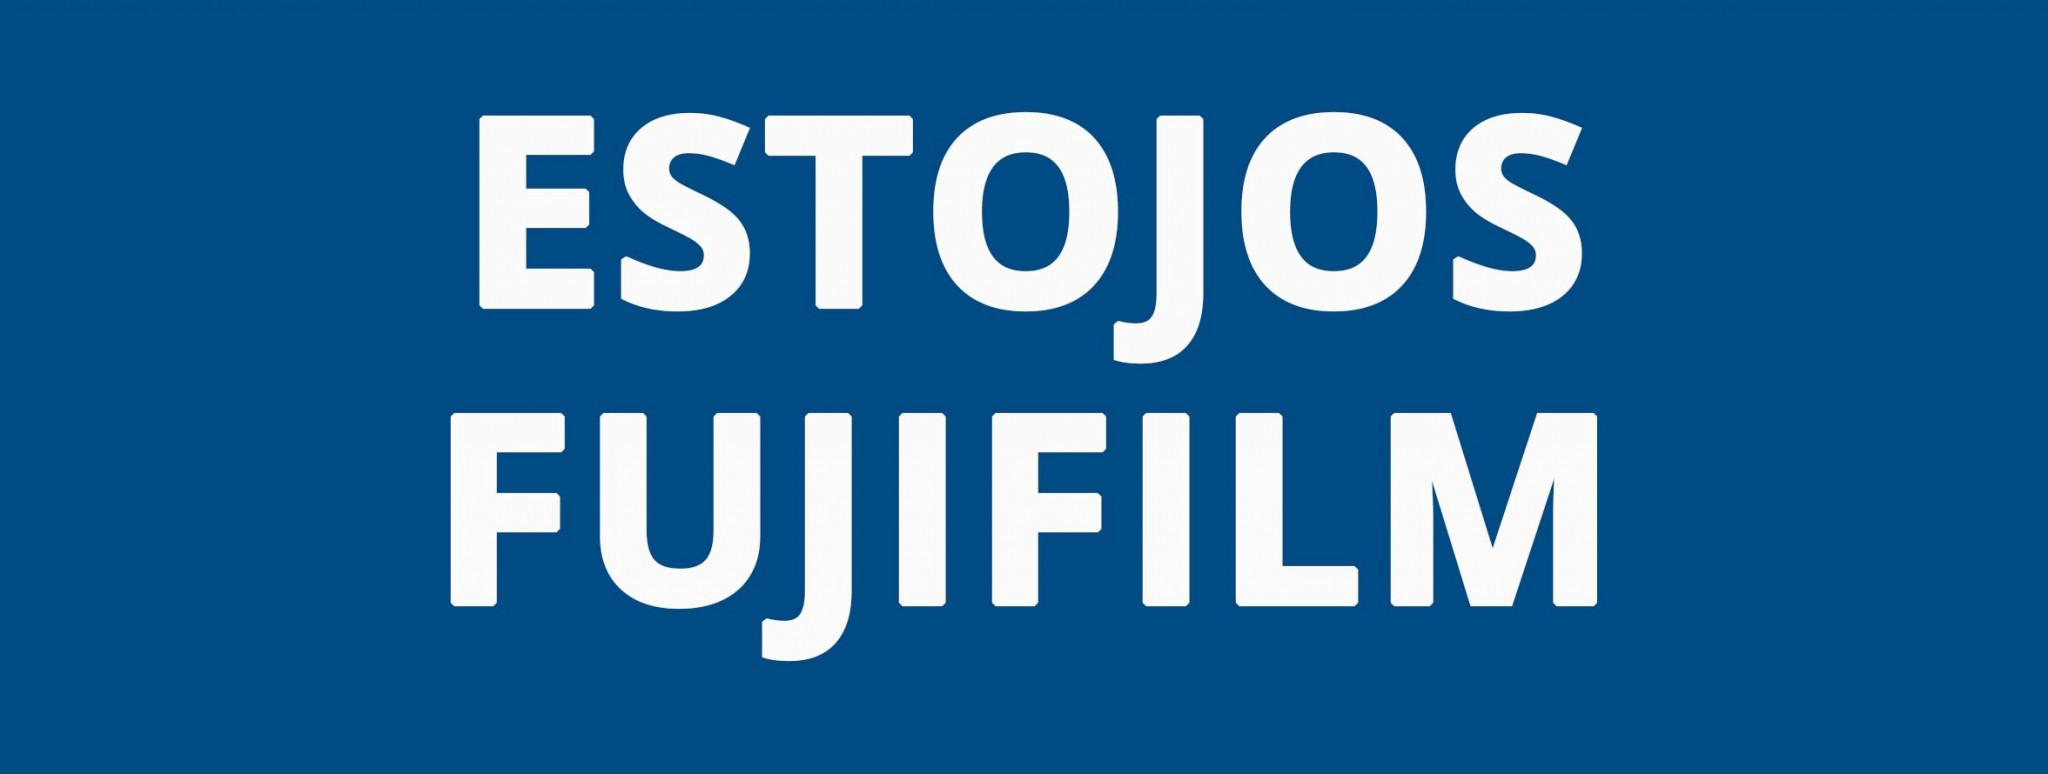 Estojos Fujifilm